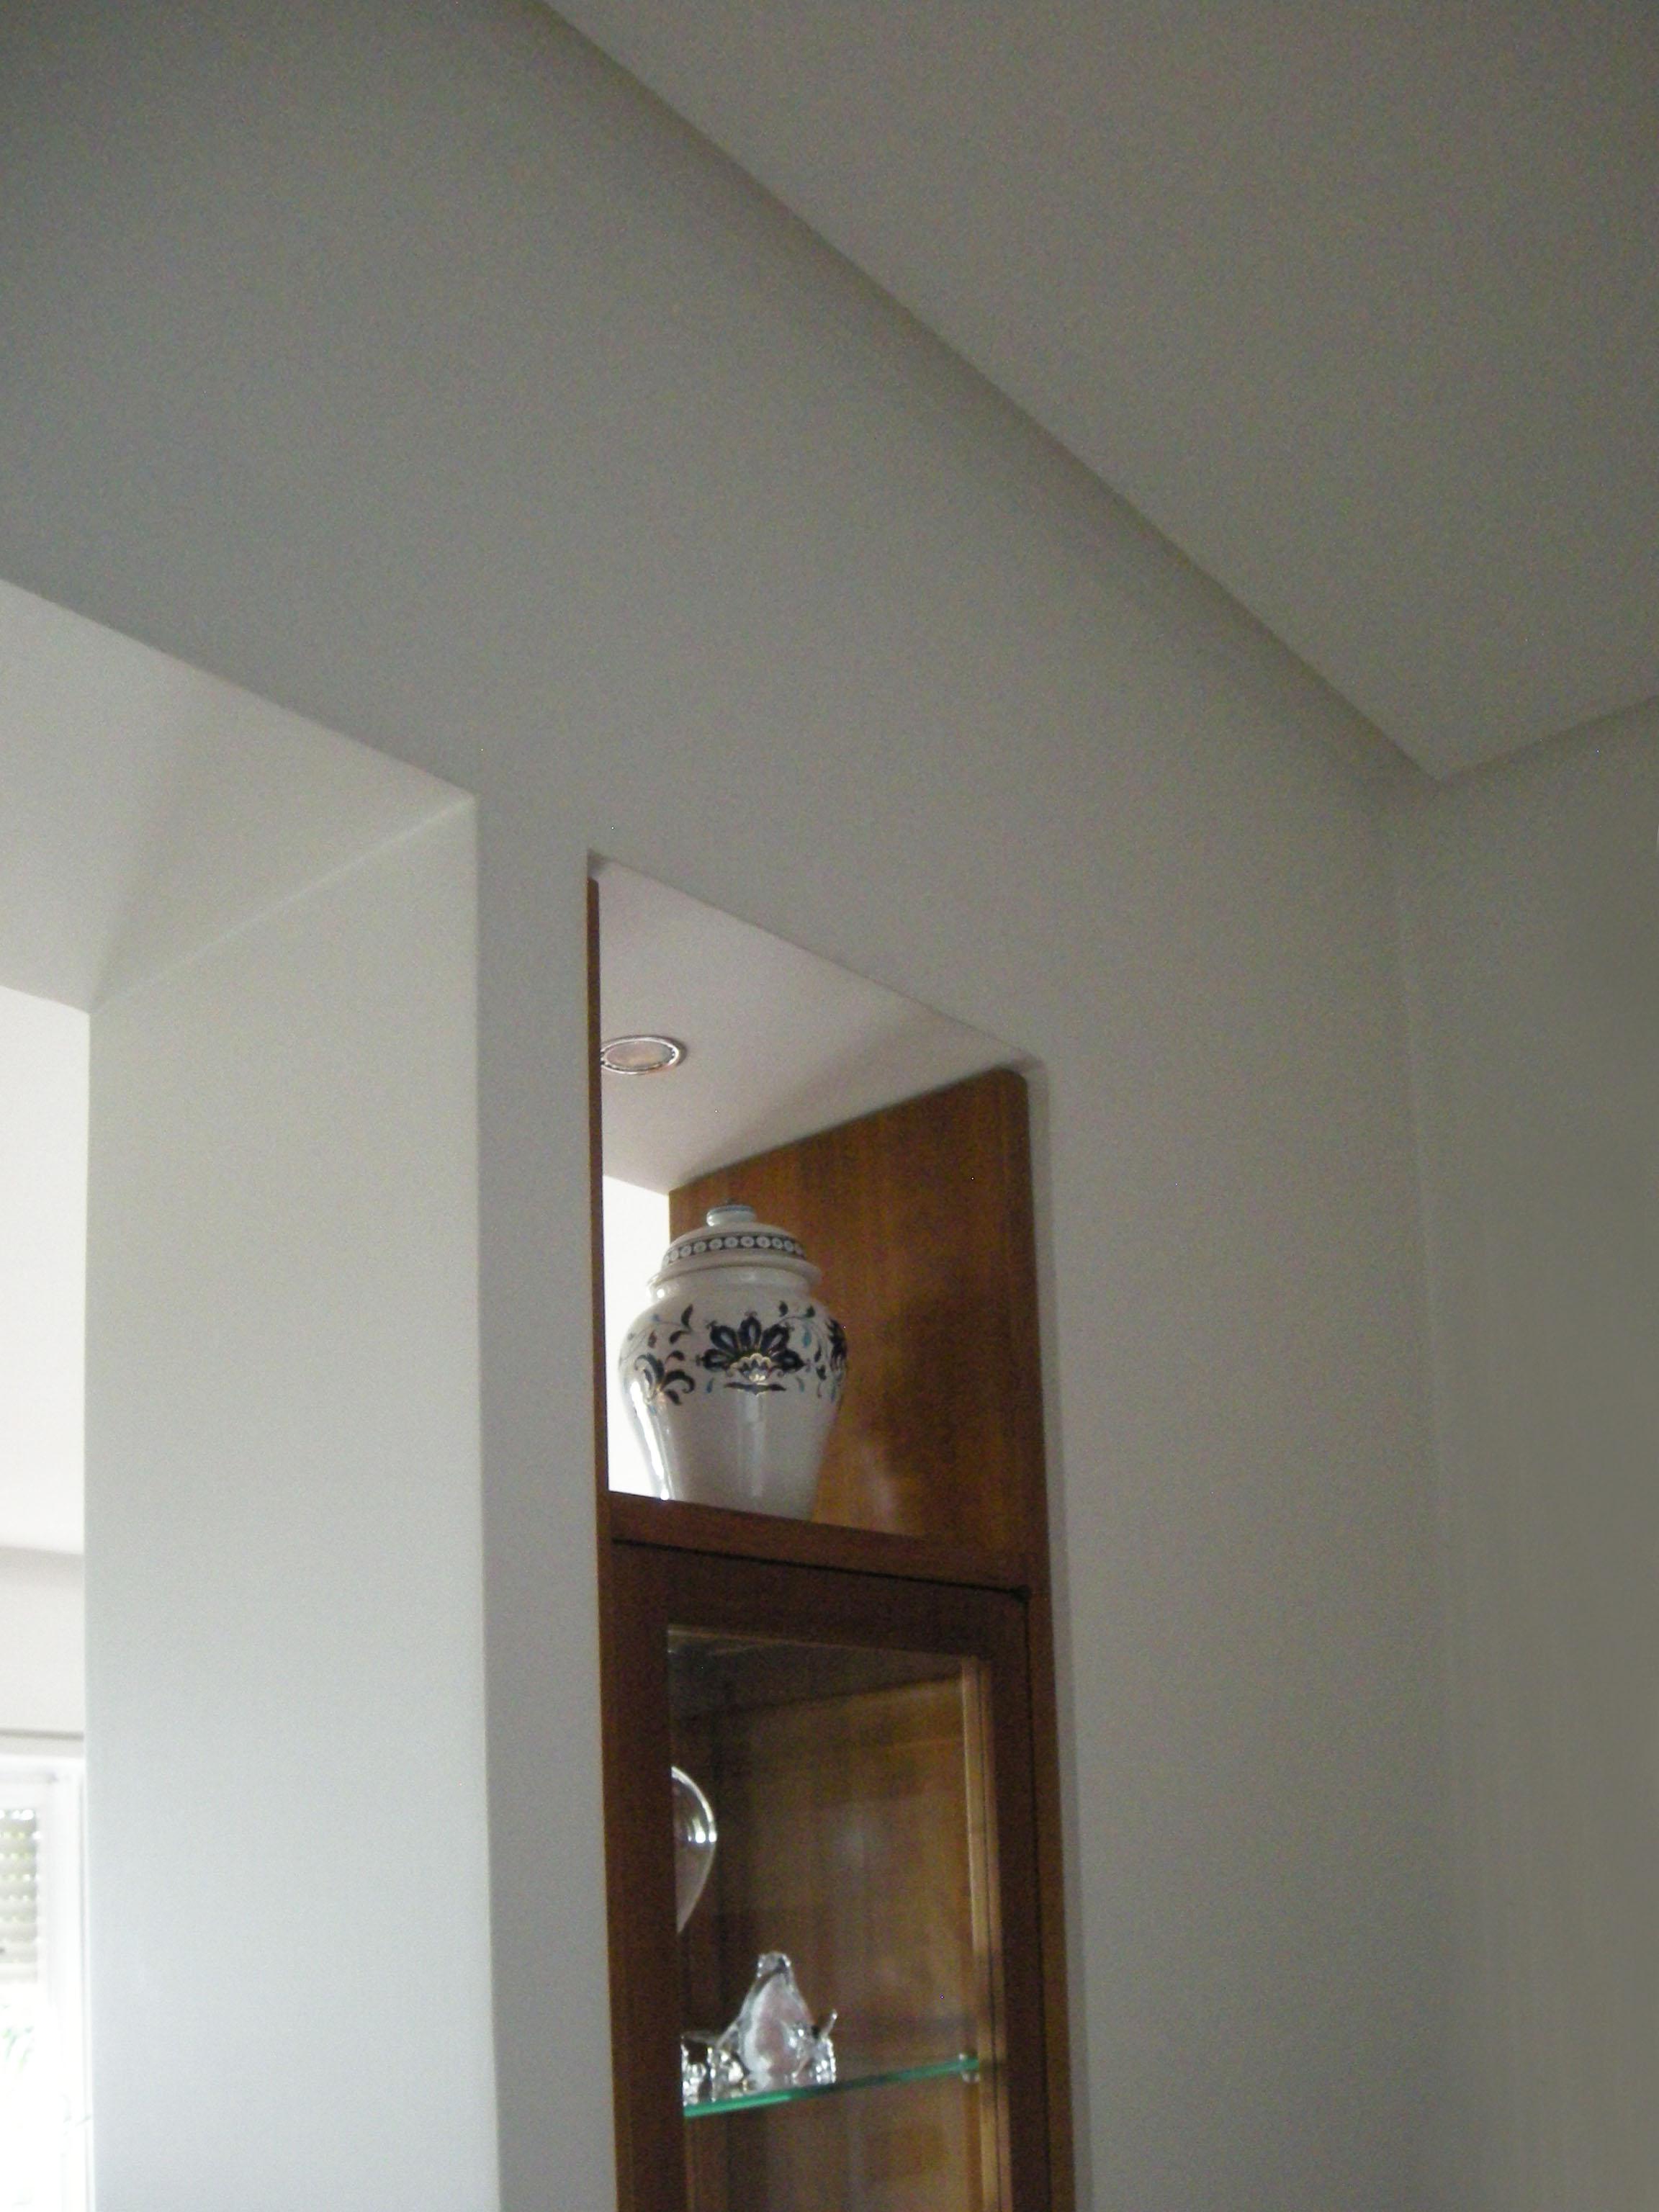 Parete In Cartongesso Scheda Tecnica : Pannelli siporex in ambienti umidi separare la parete dal